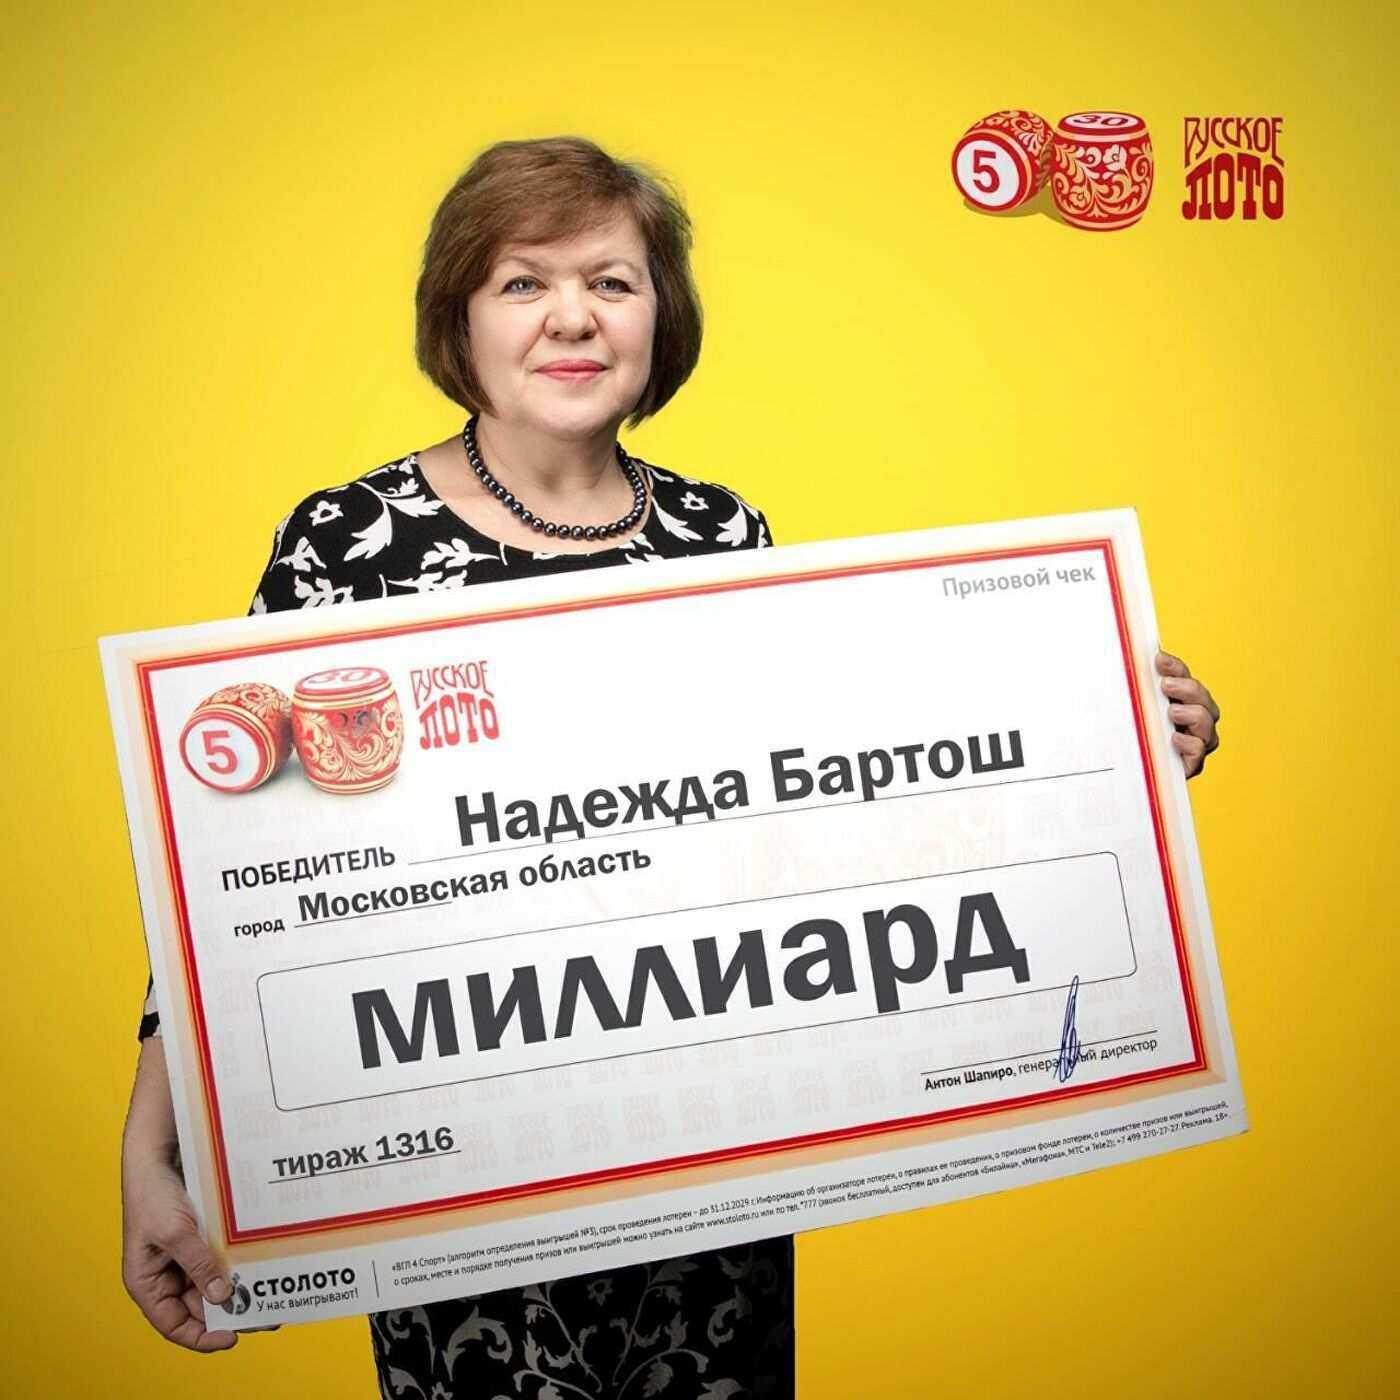 Фз о лотереях: суть и общие положения, правила проведения